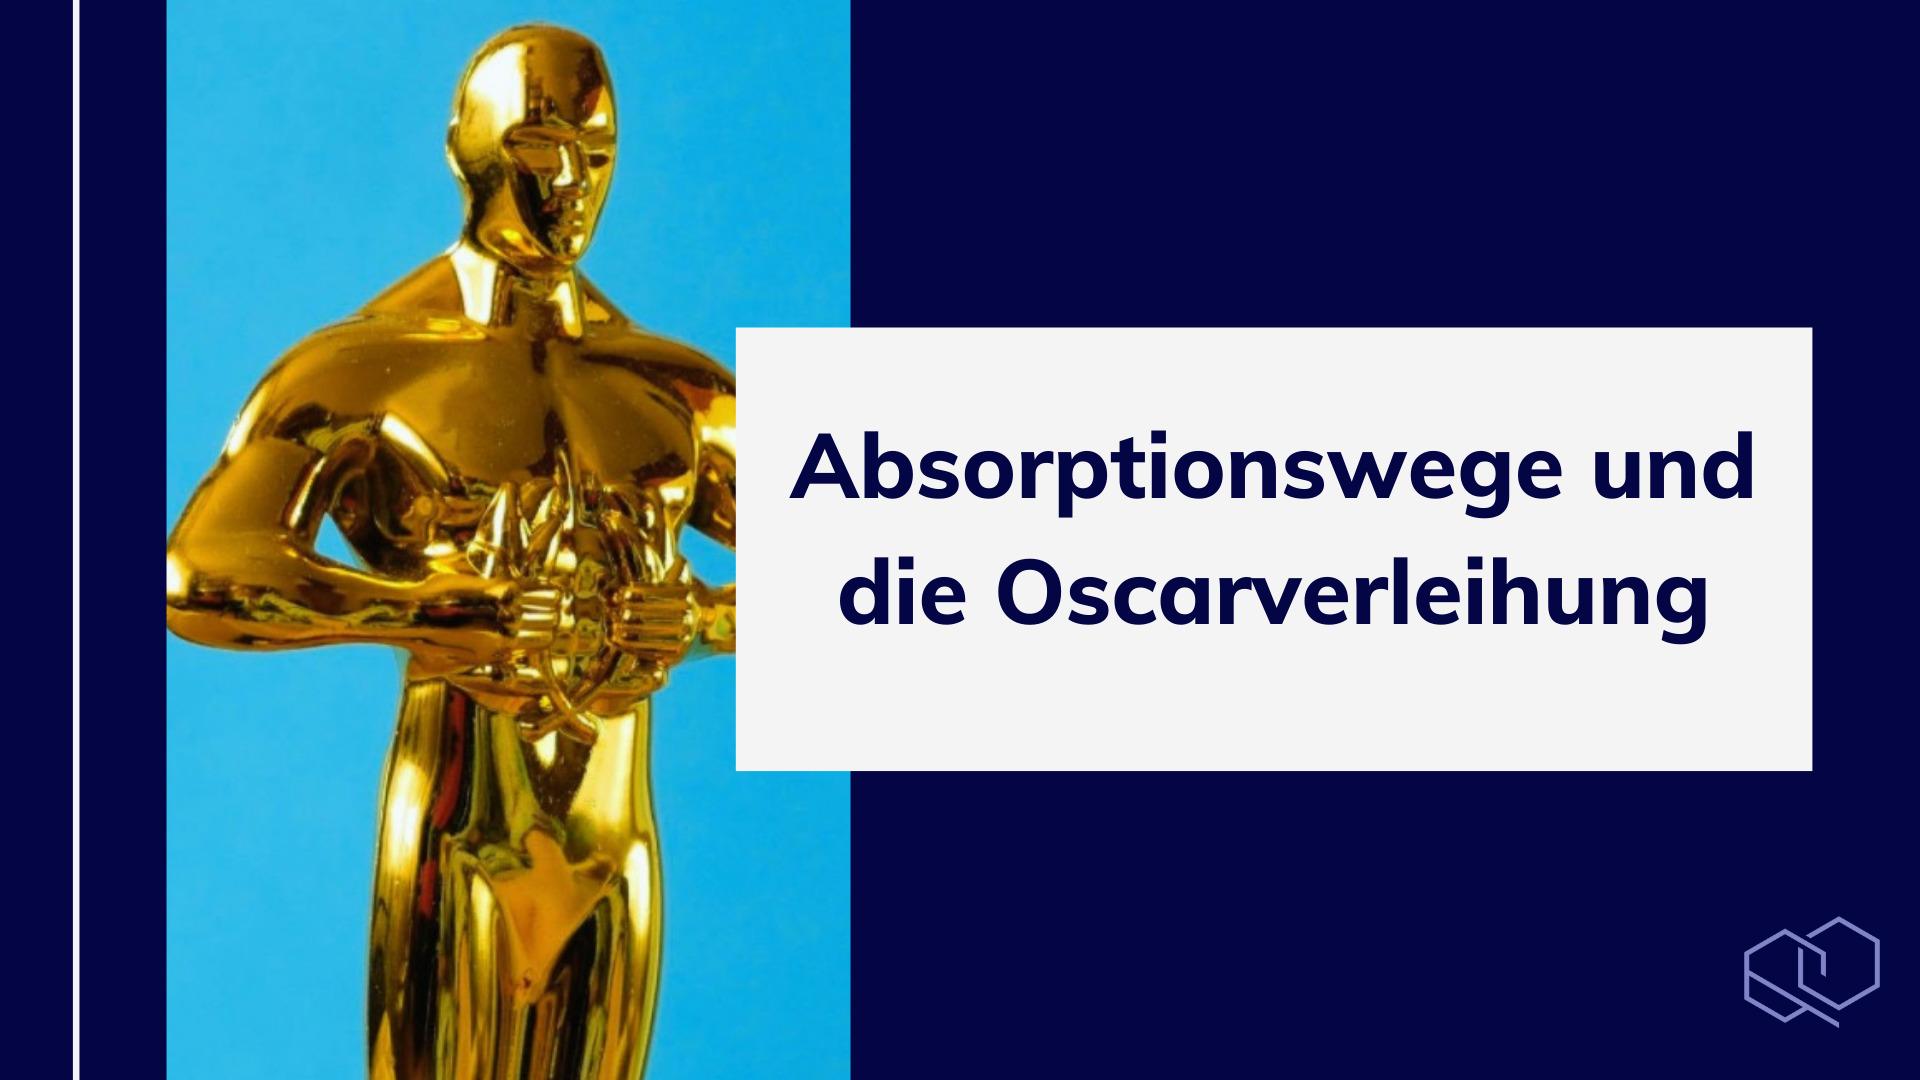 Absorptionswege und die Oscarverleihung